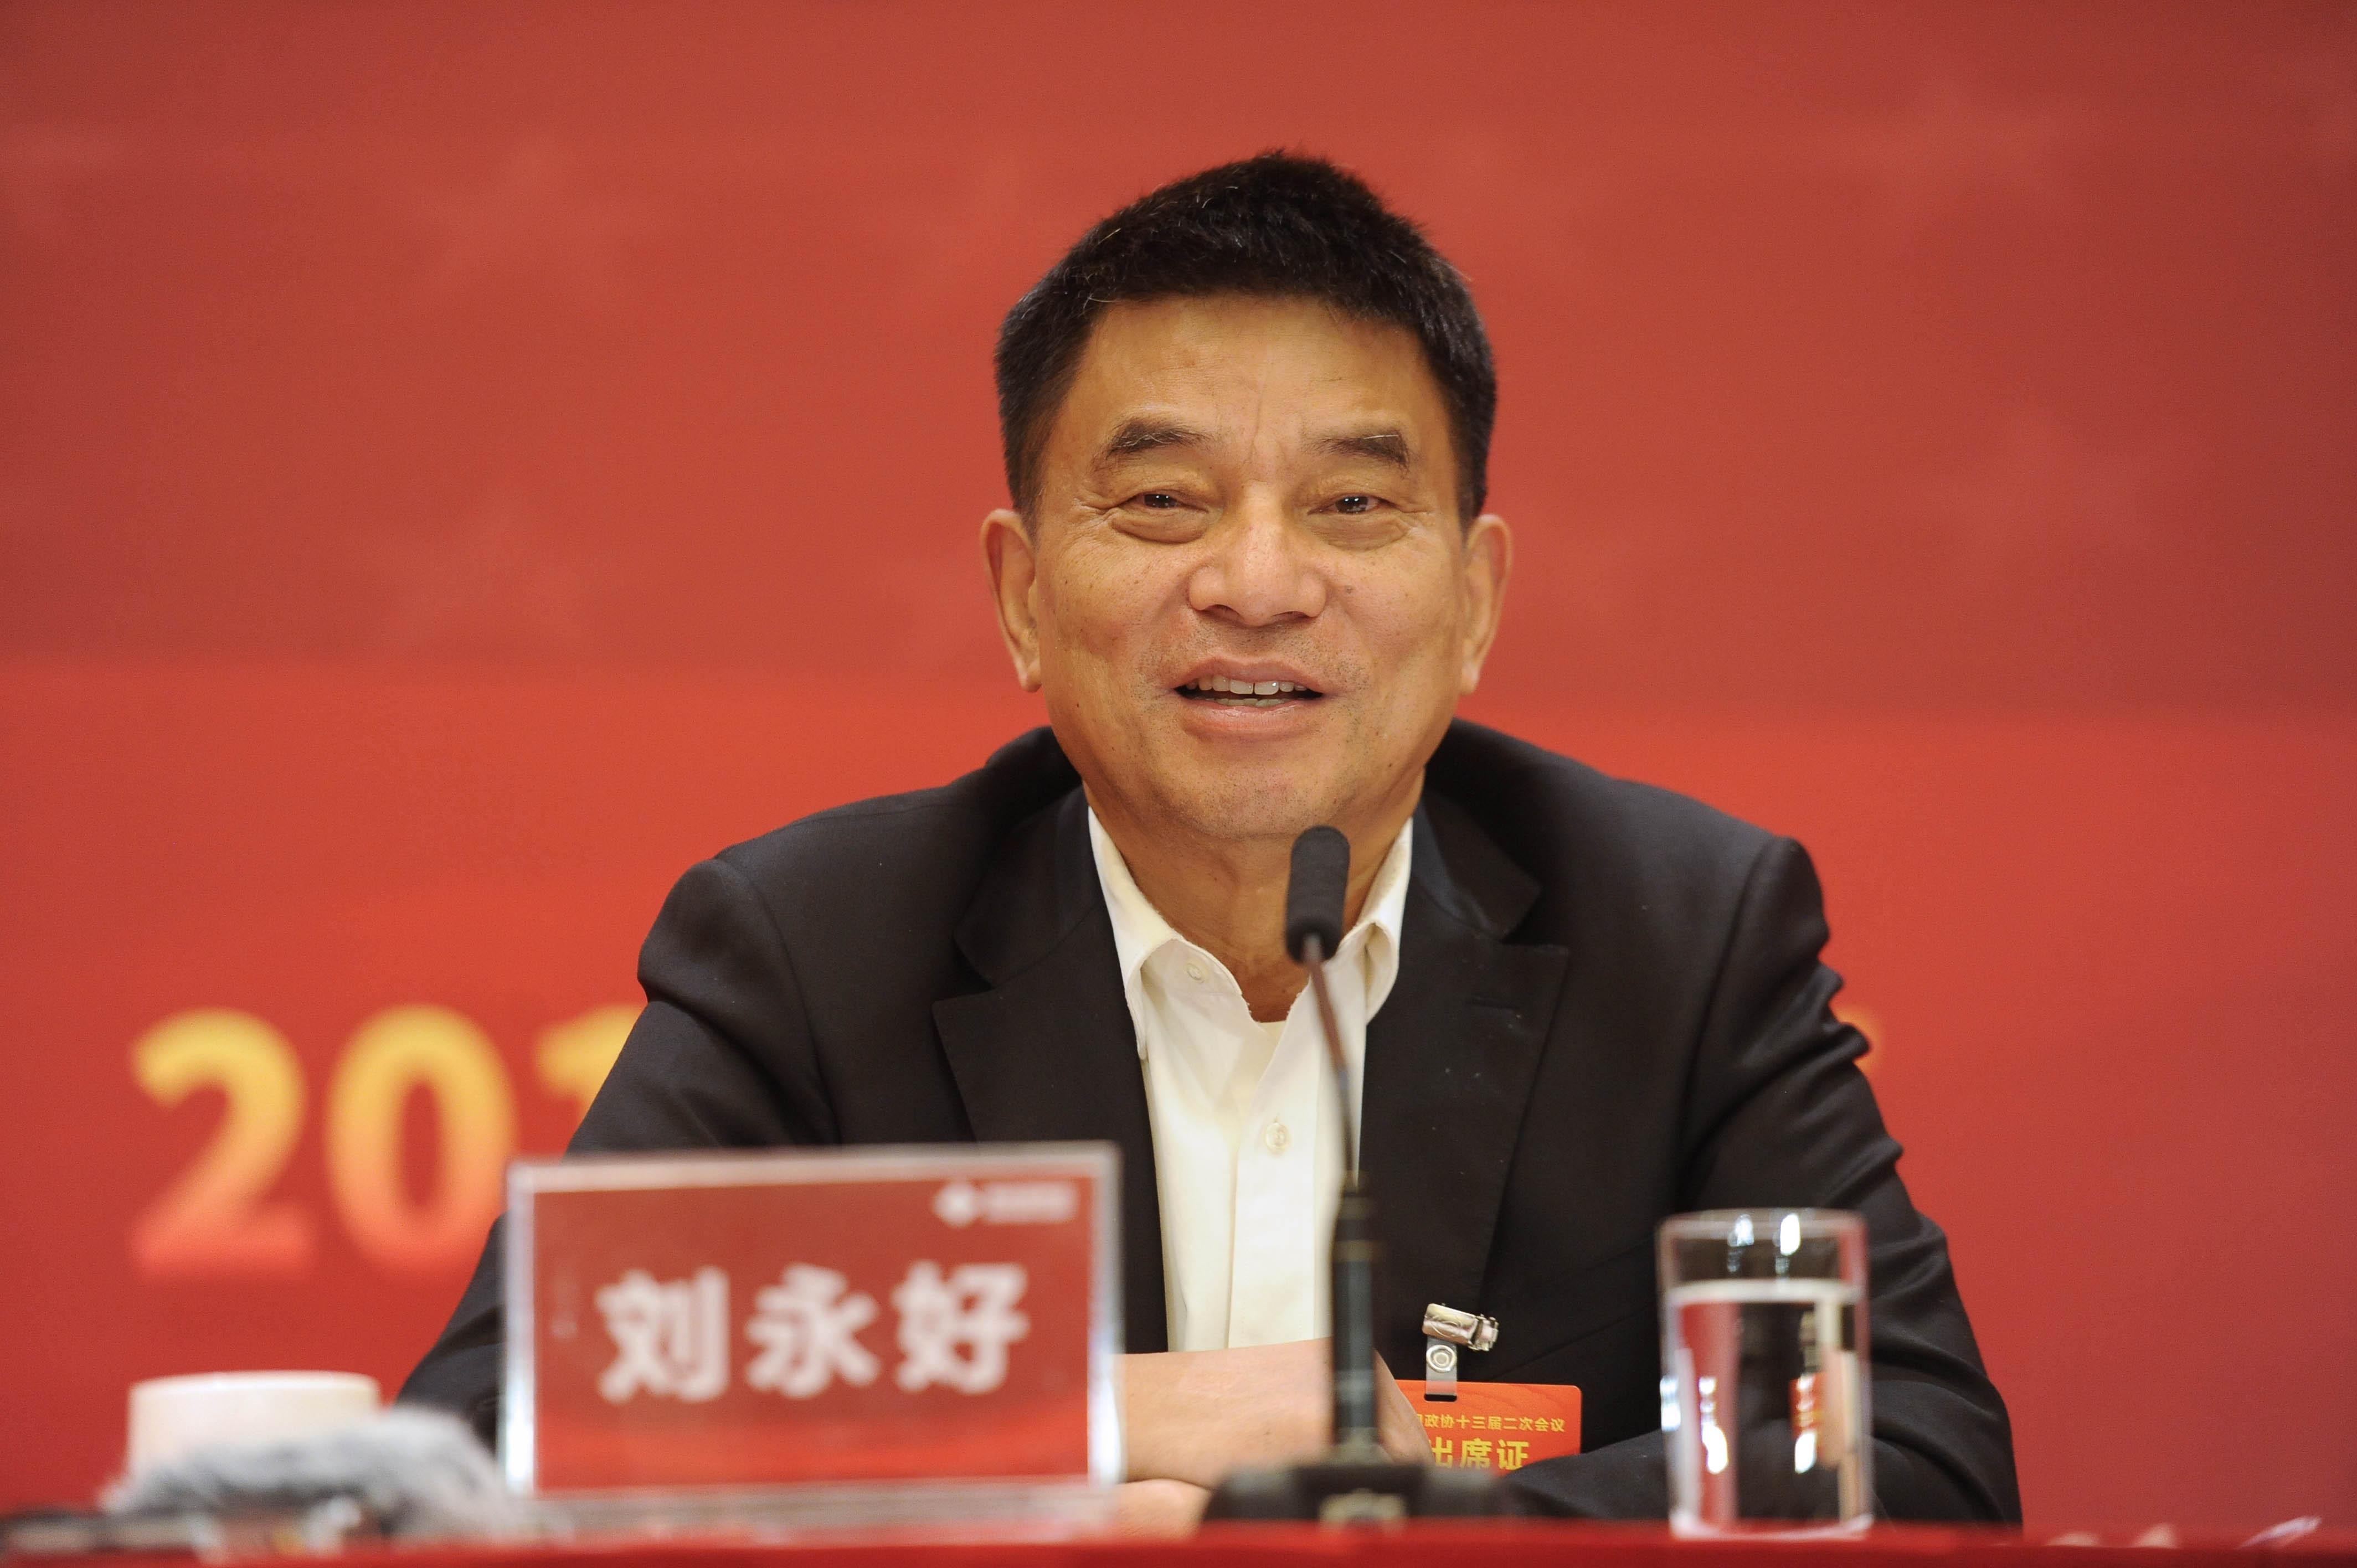 全国政协委员、新希望集团董事长刘永好: 实施综合提振措施 加速生猪产能恢复